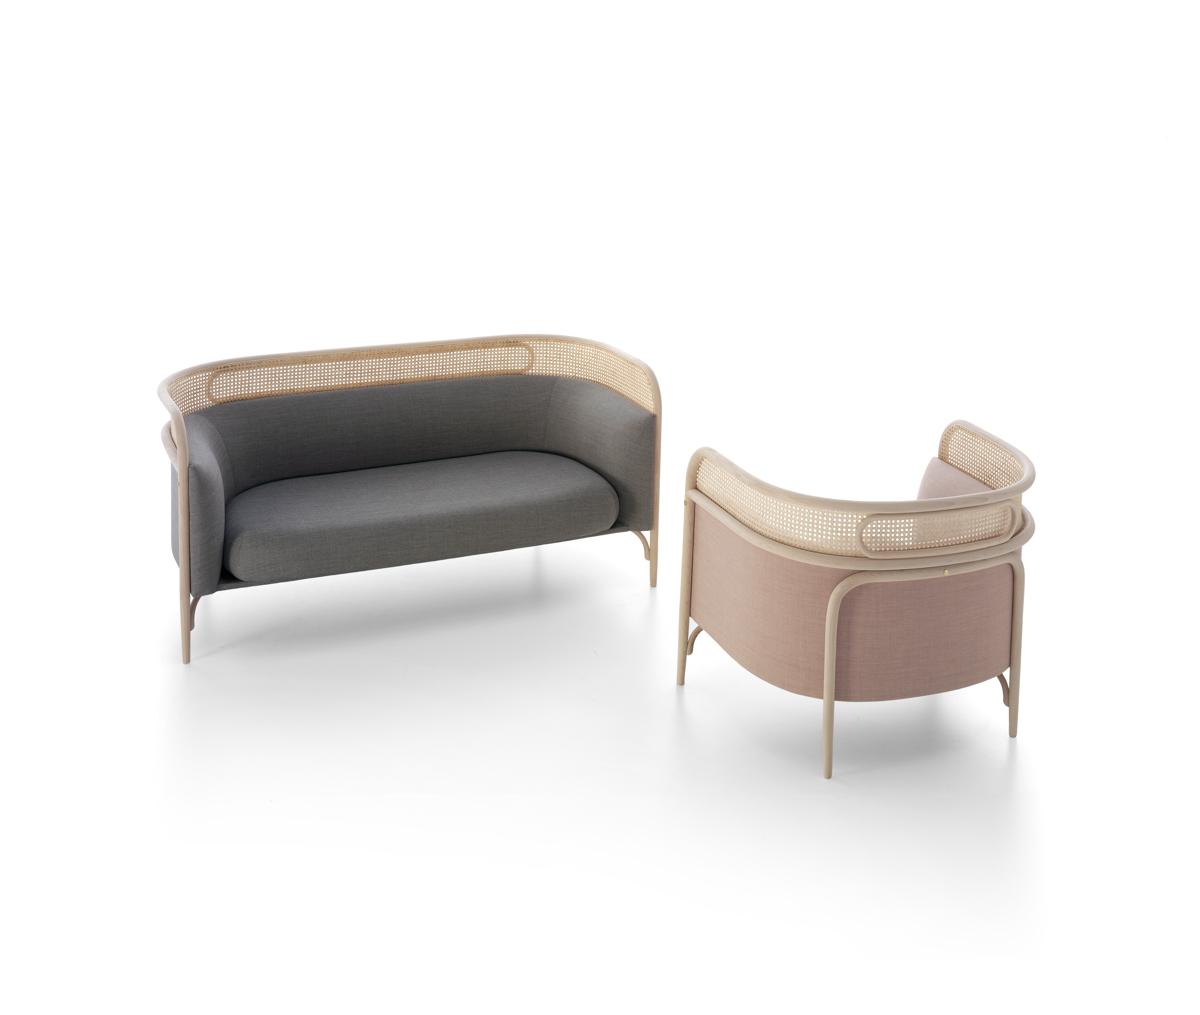 gtv_-targa-sofa_lounge_design-gamfratesi_5